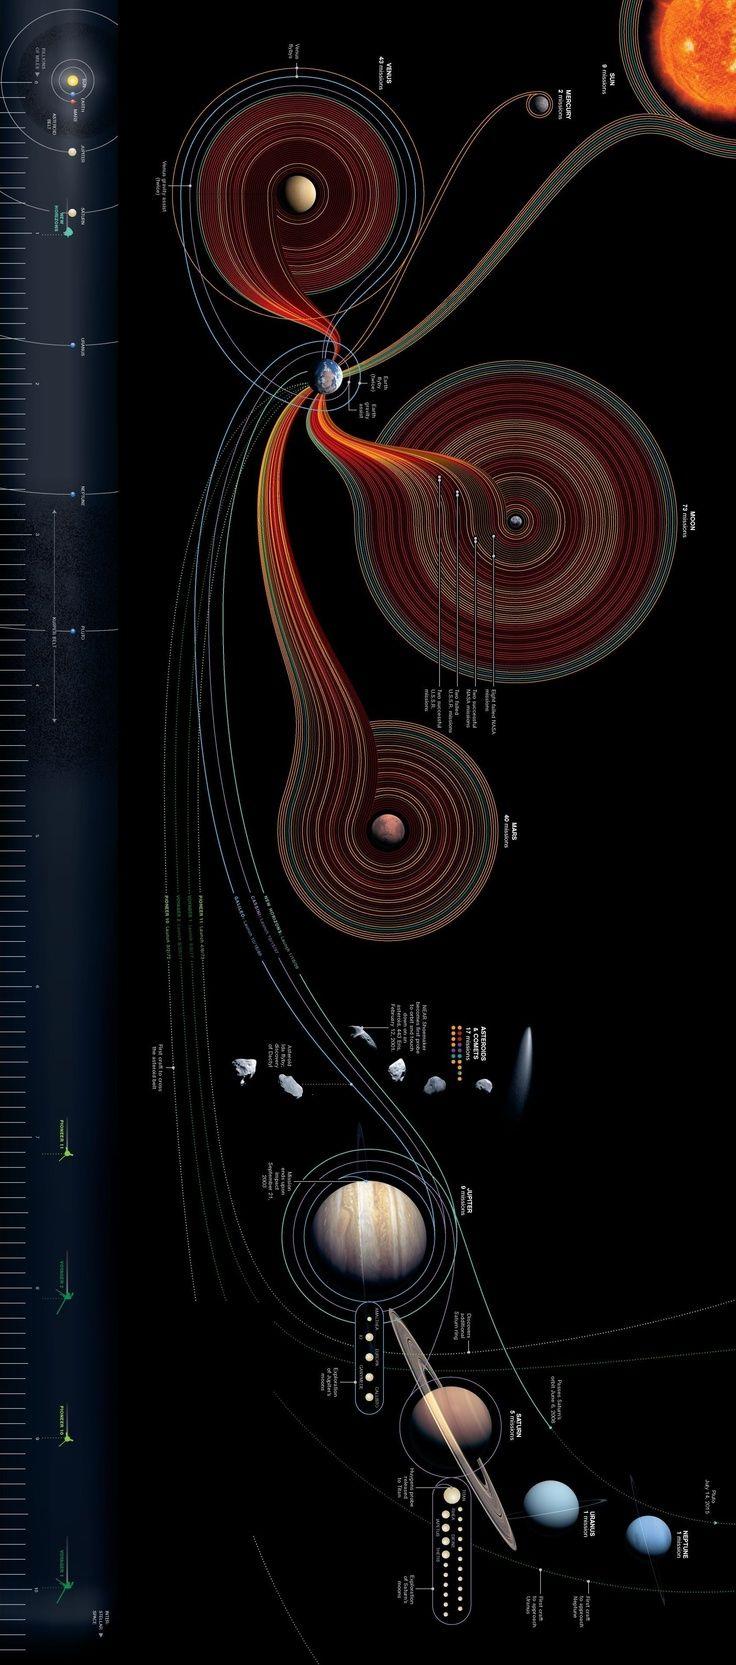 #dançadosplanetas #luacaprica #astrologia                                                                                                                                                                                 Mais